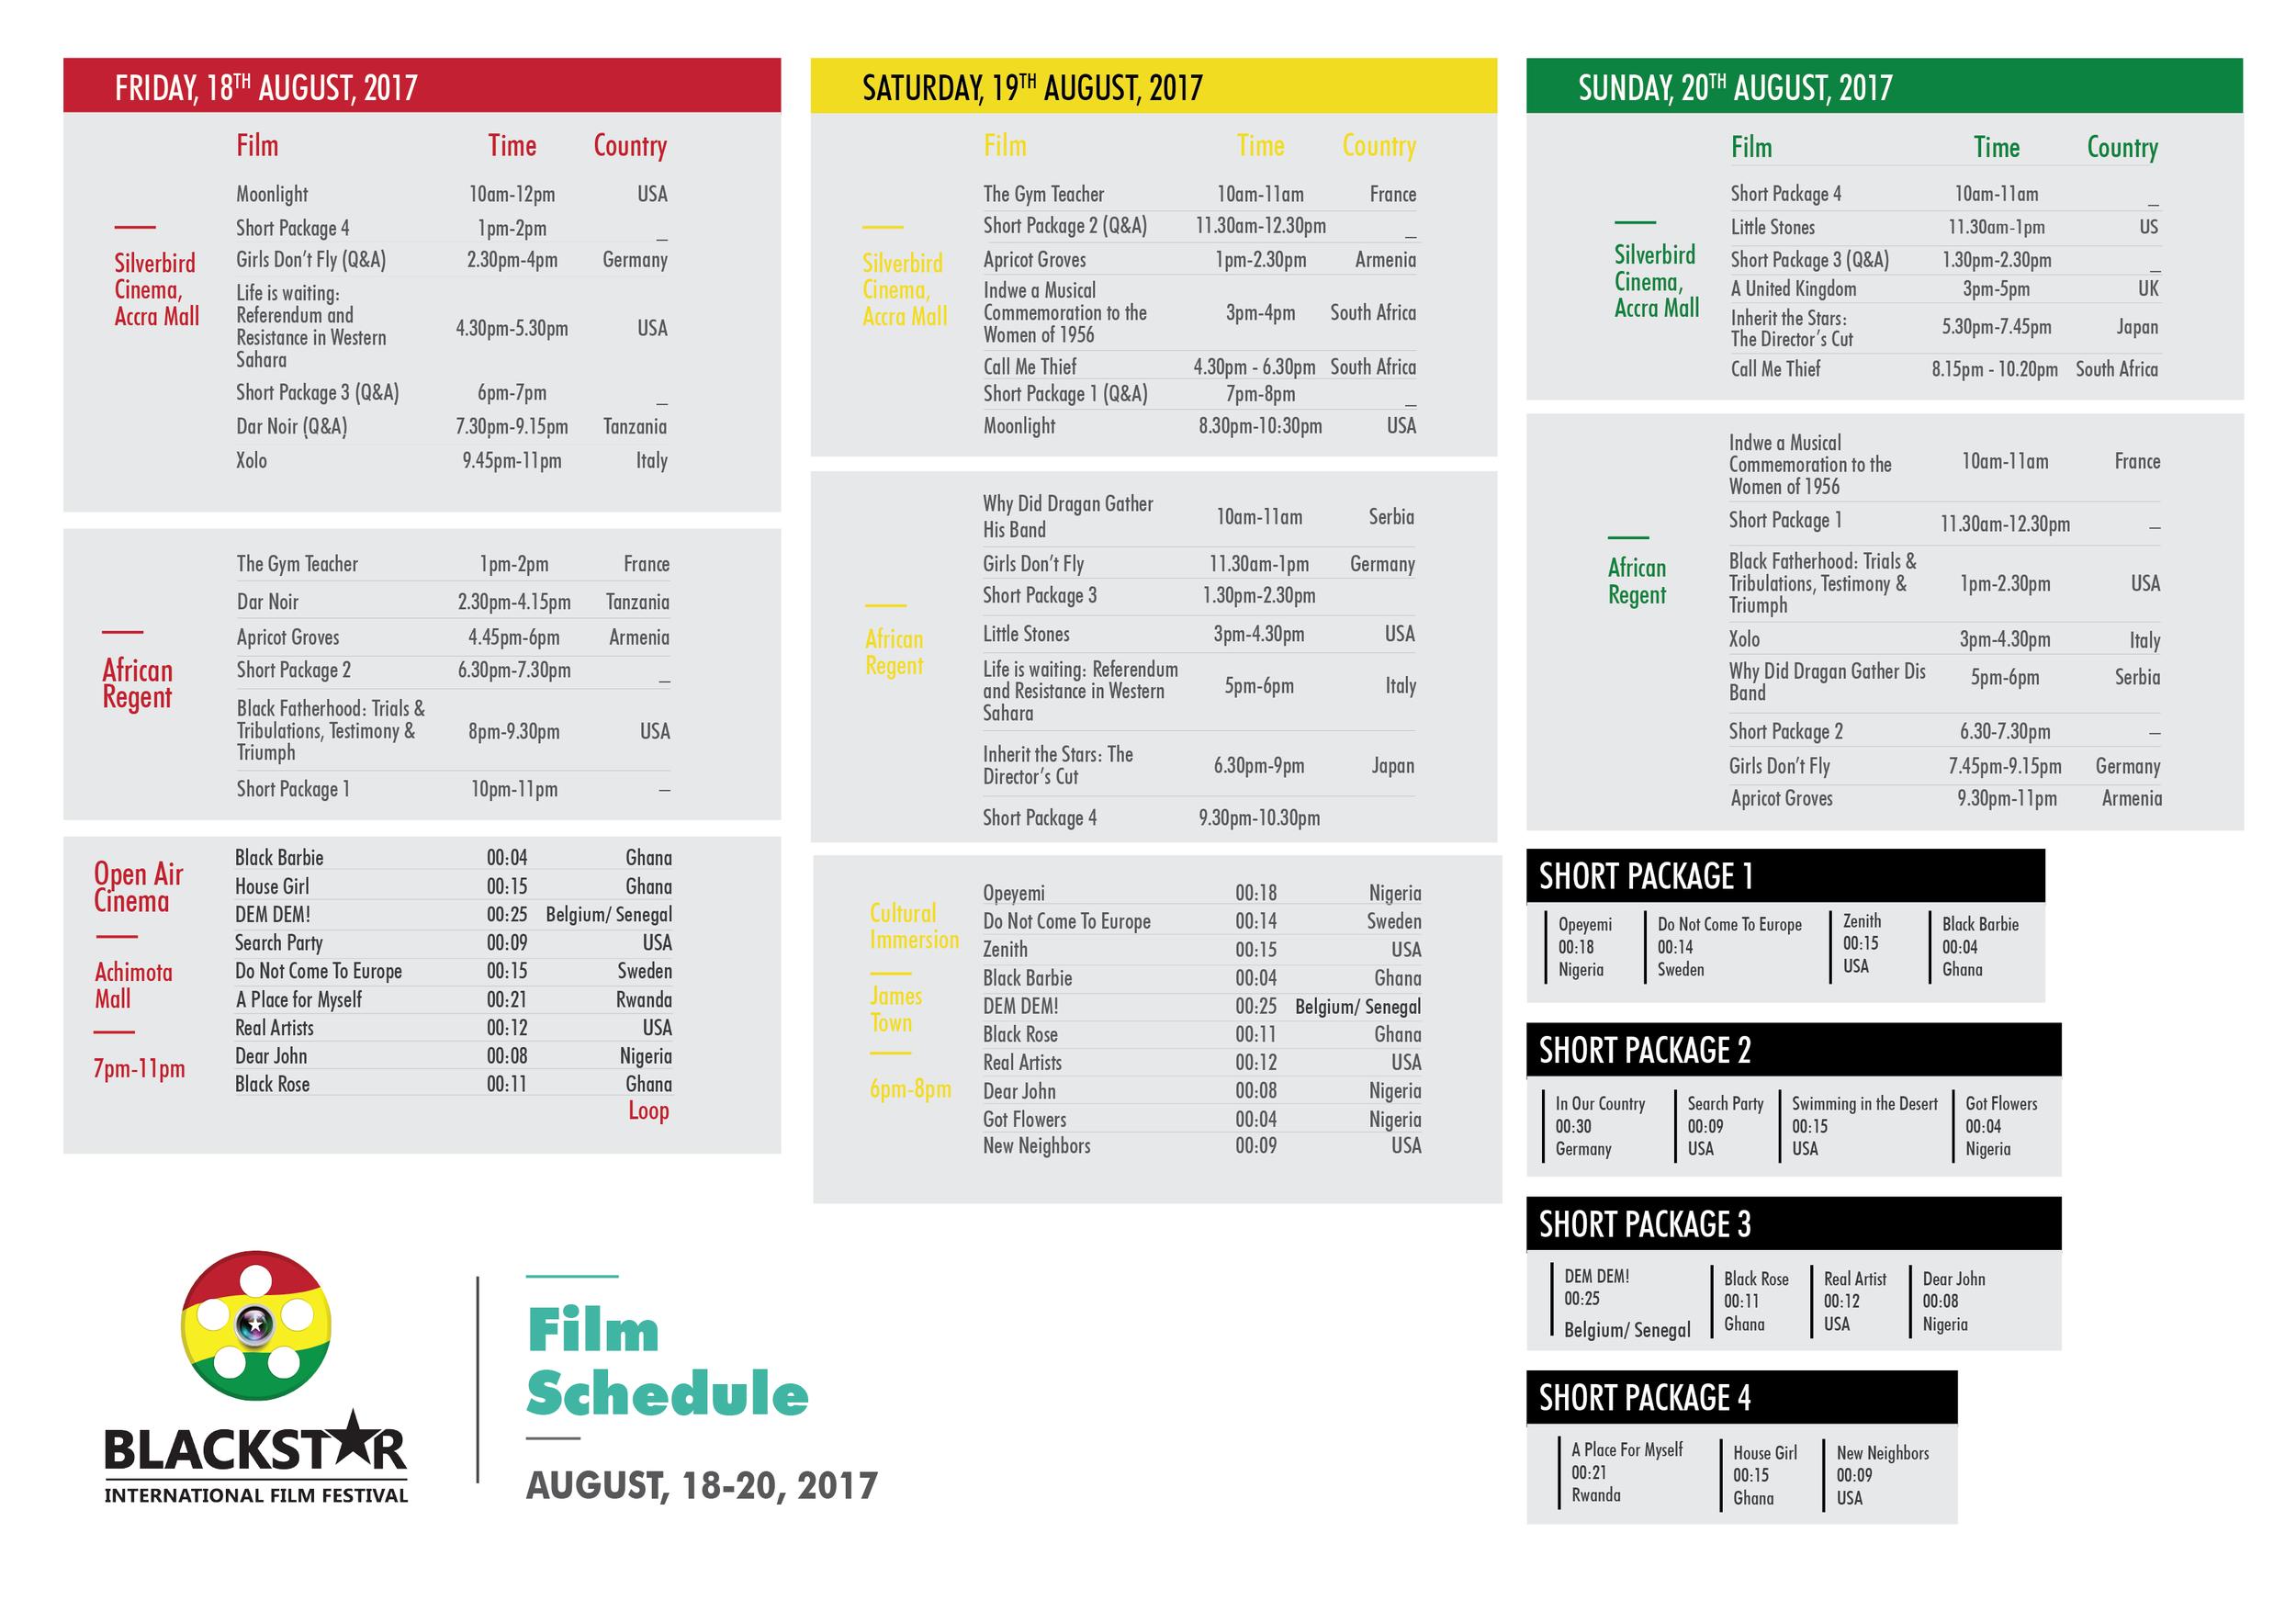 Film Schedule 2017